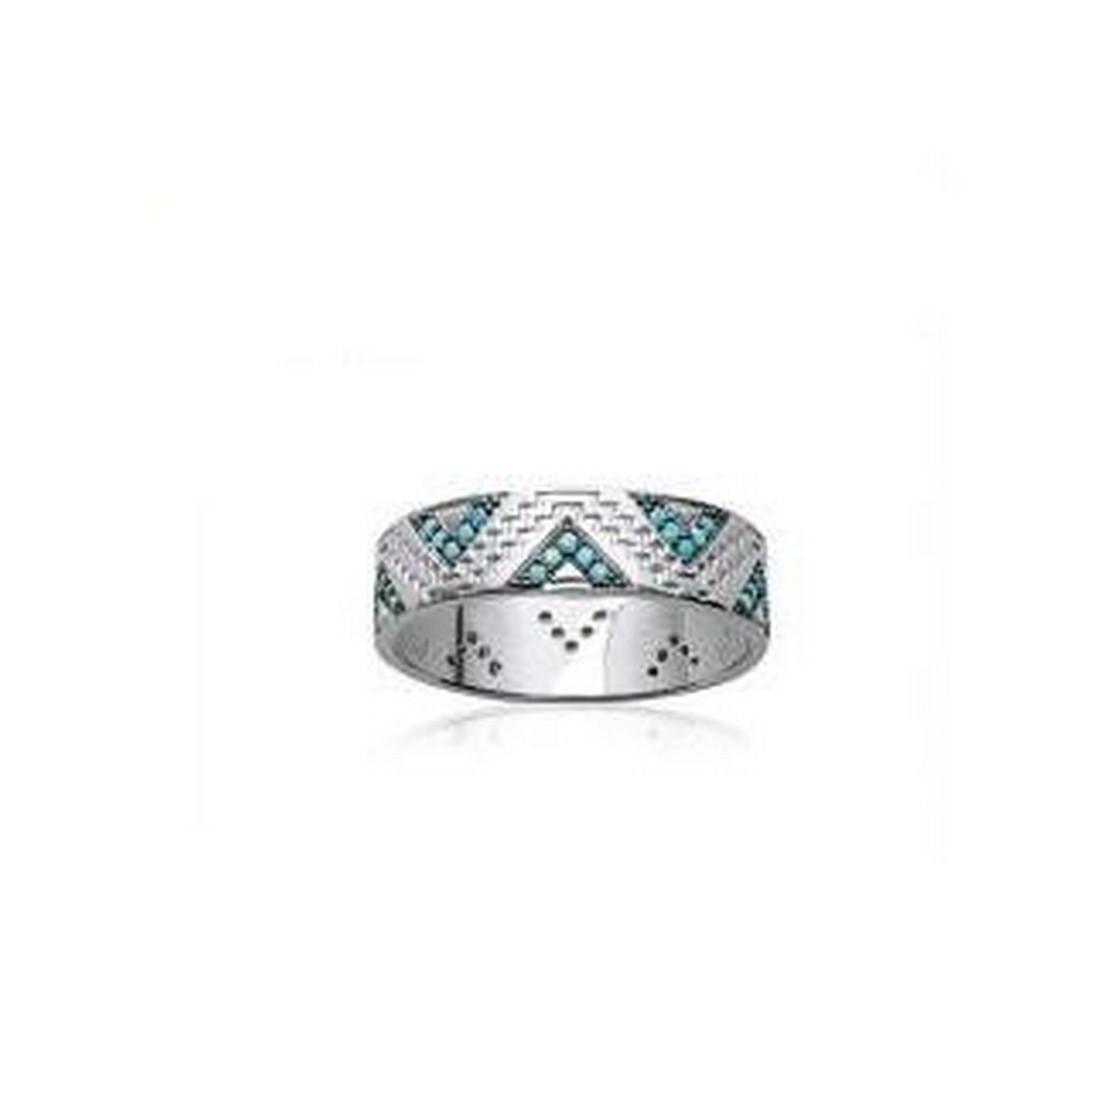 meilleure qualité charme de coût prix le moins cher Bague anneau femme triangle turquoise en argent 2mm EN3